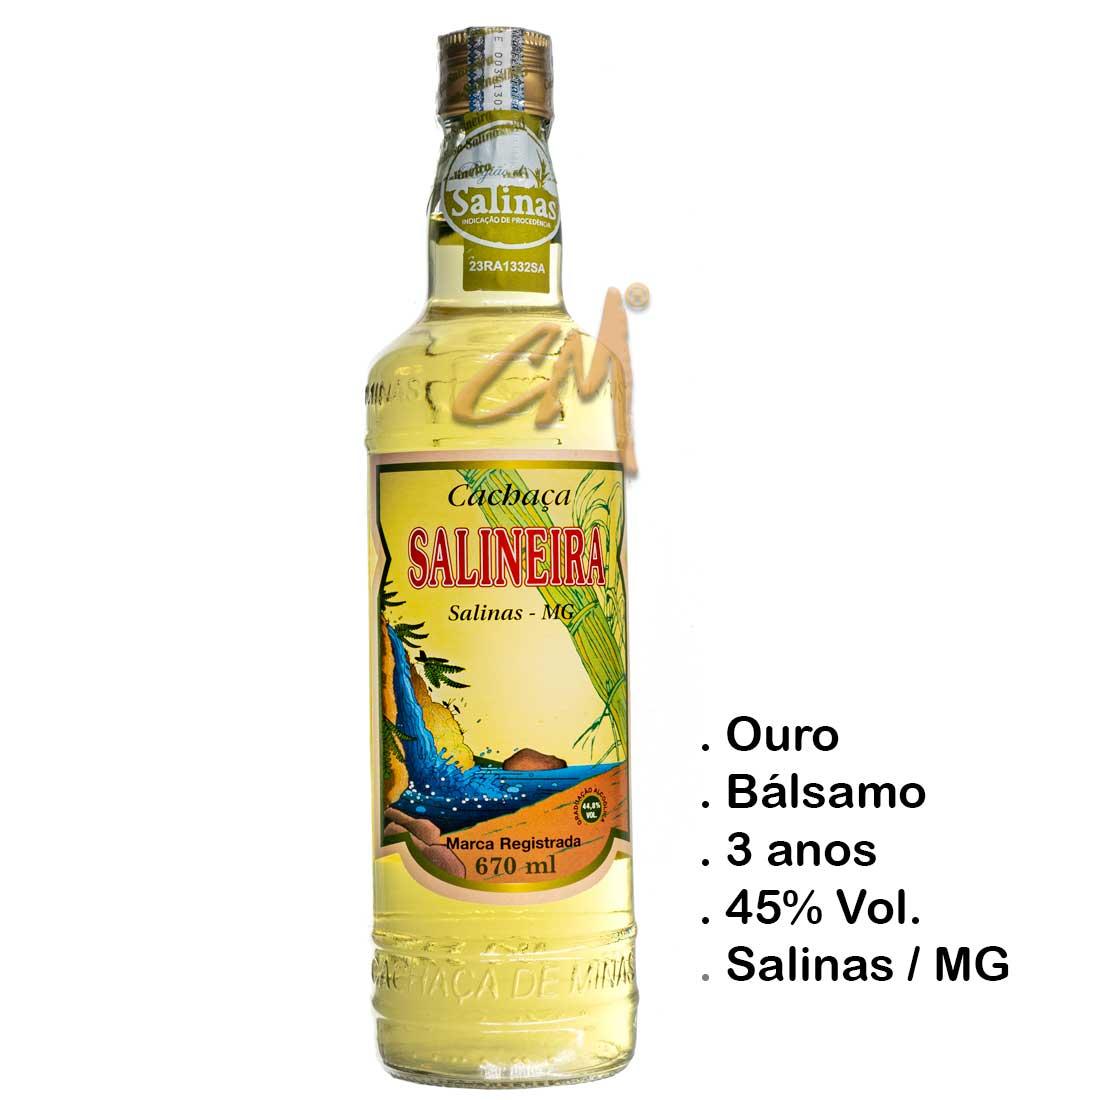 Cachaça Salineira 670 ml (Salinas - MG)